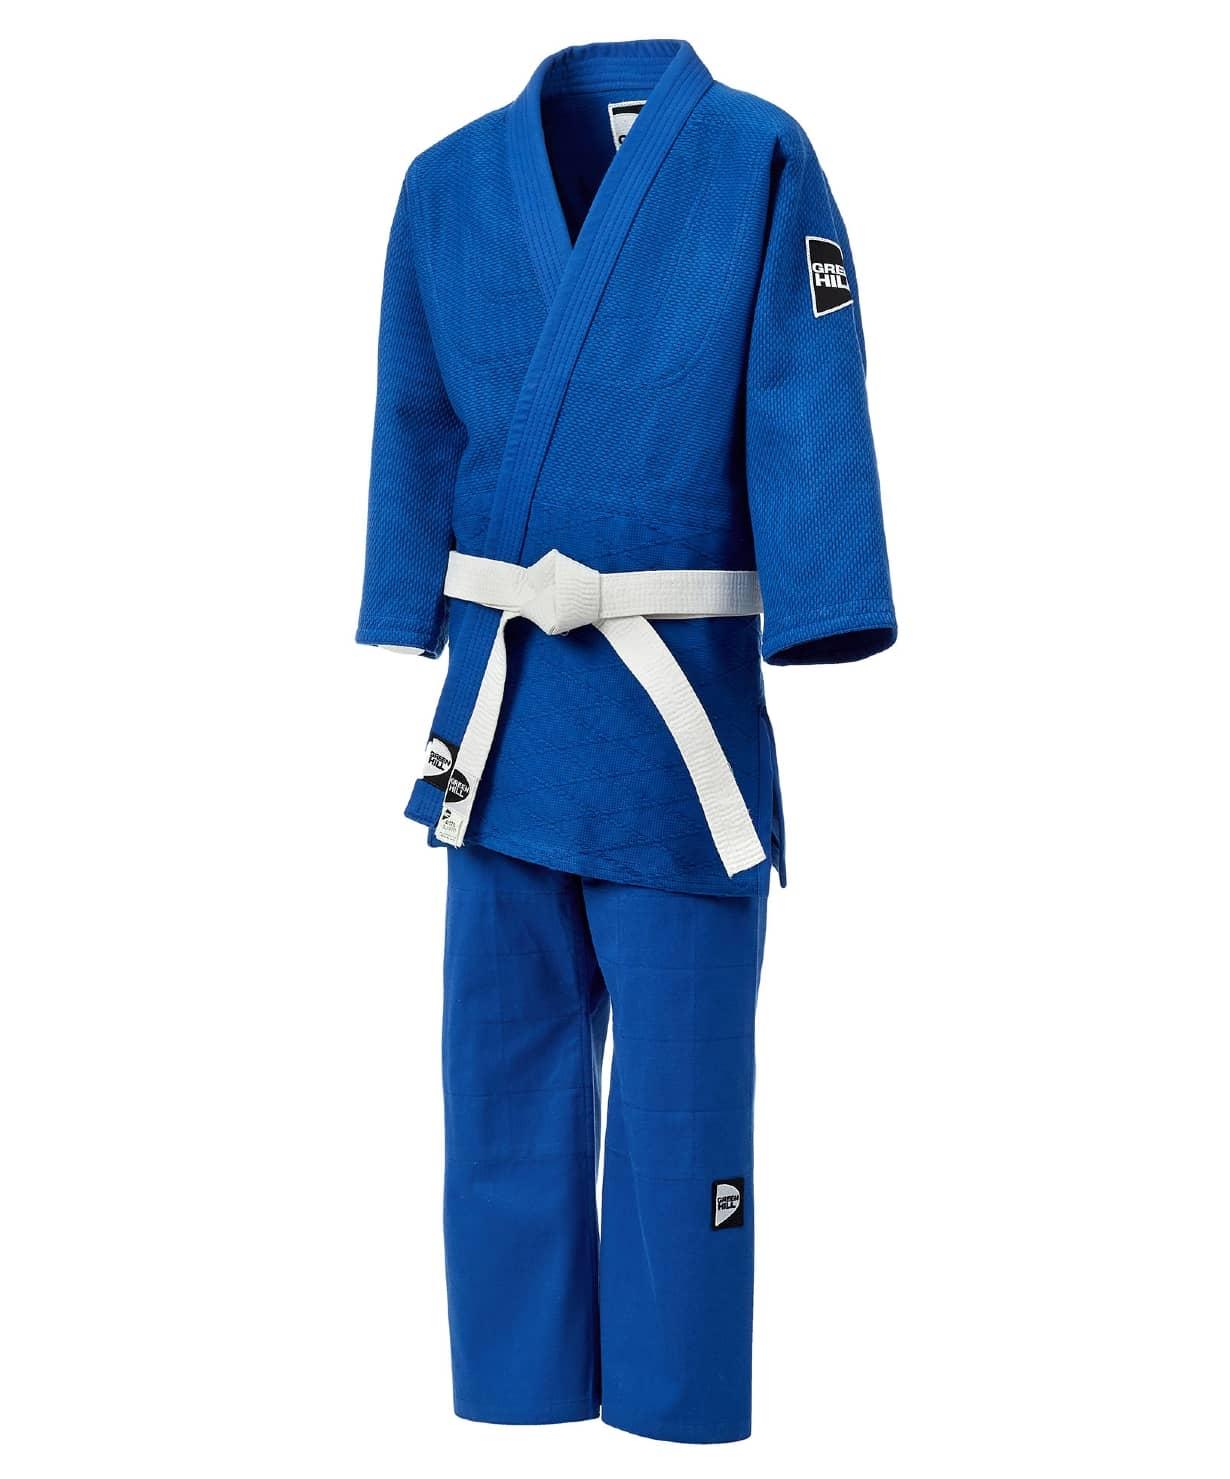 Кимоно для дзюдо JSTT-10761, синий, р.3/160